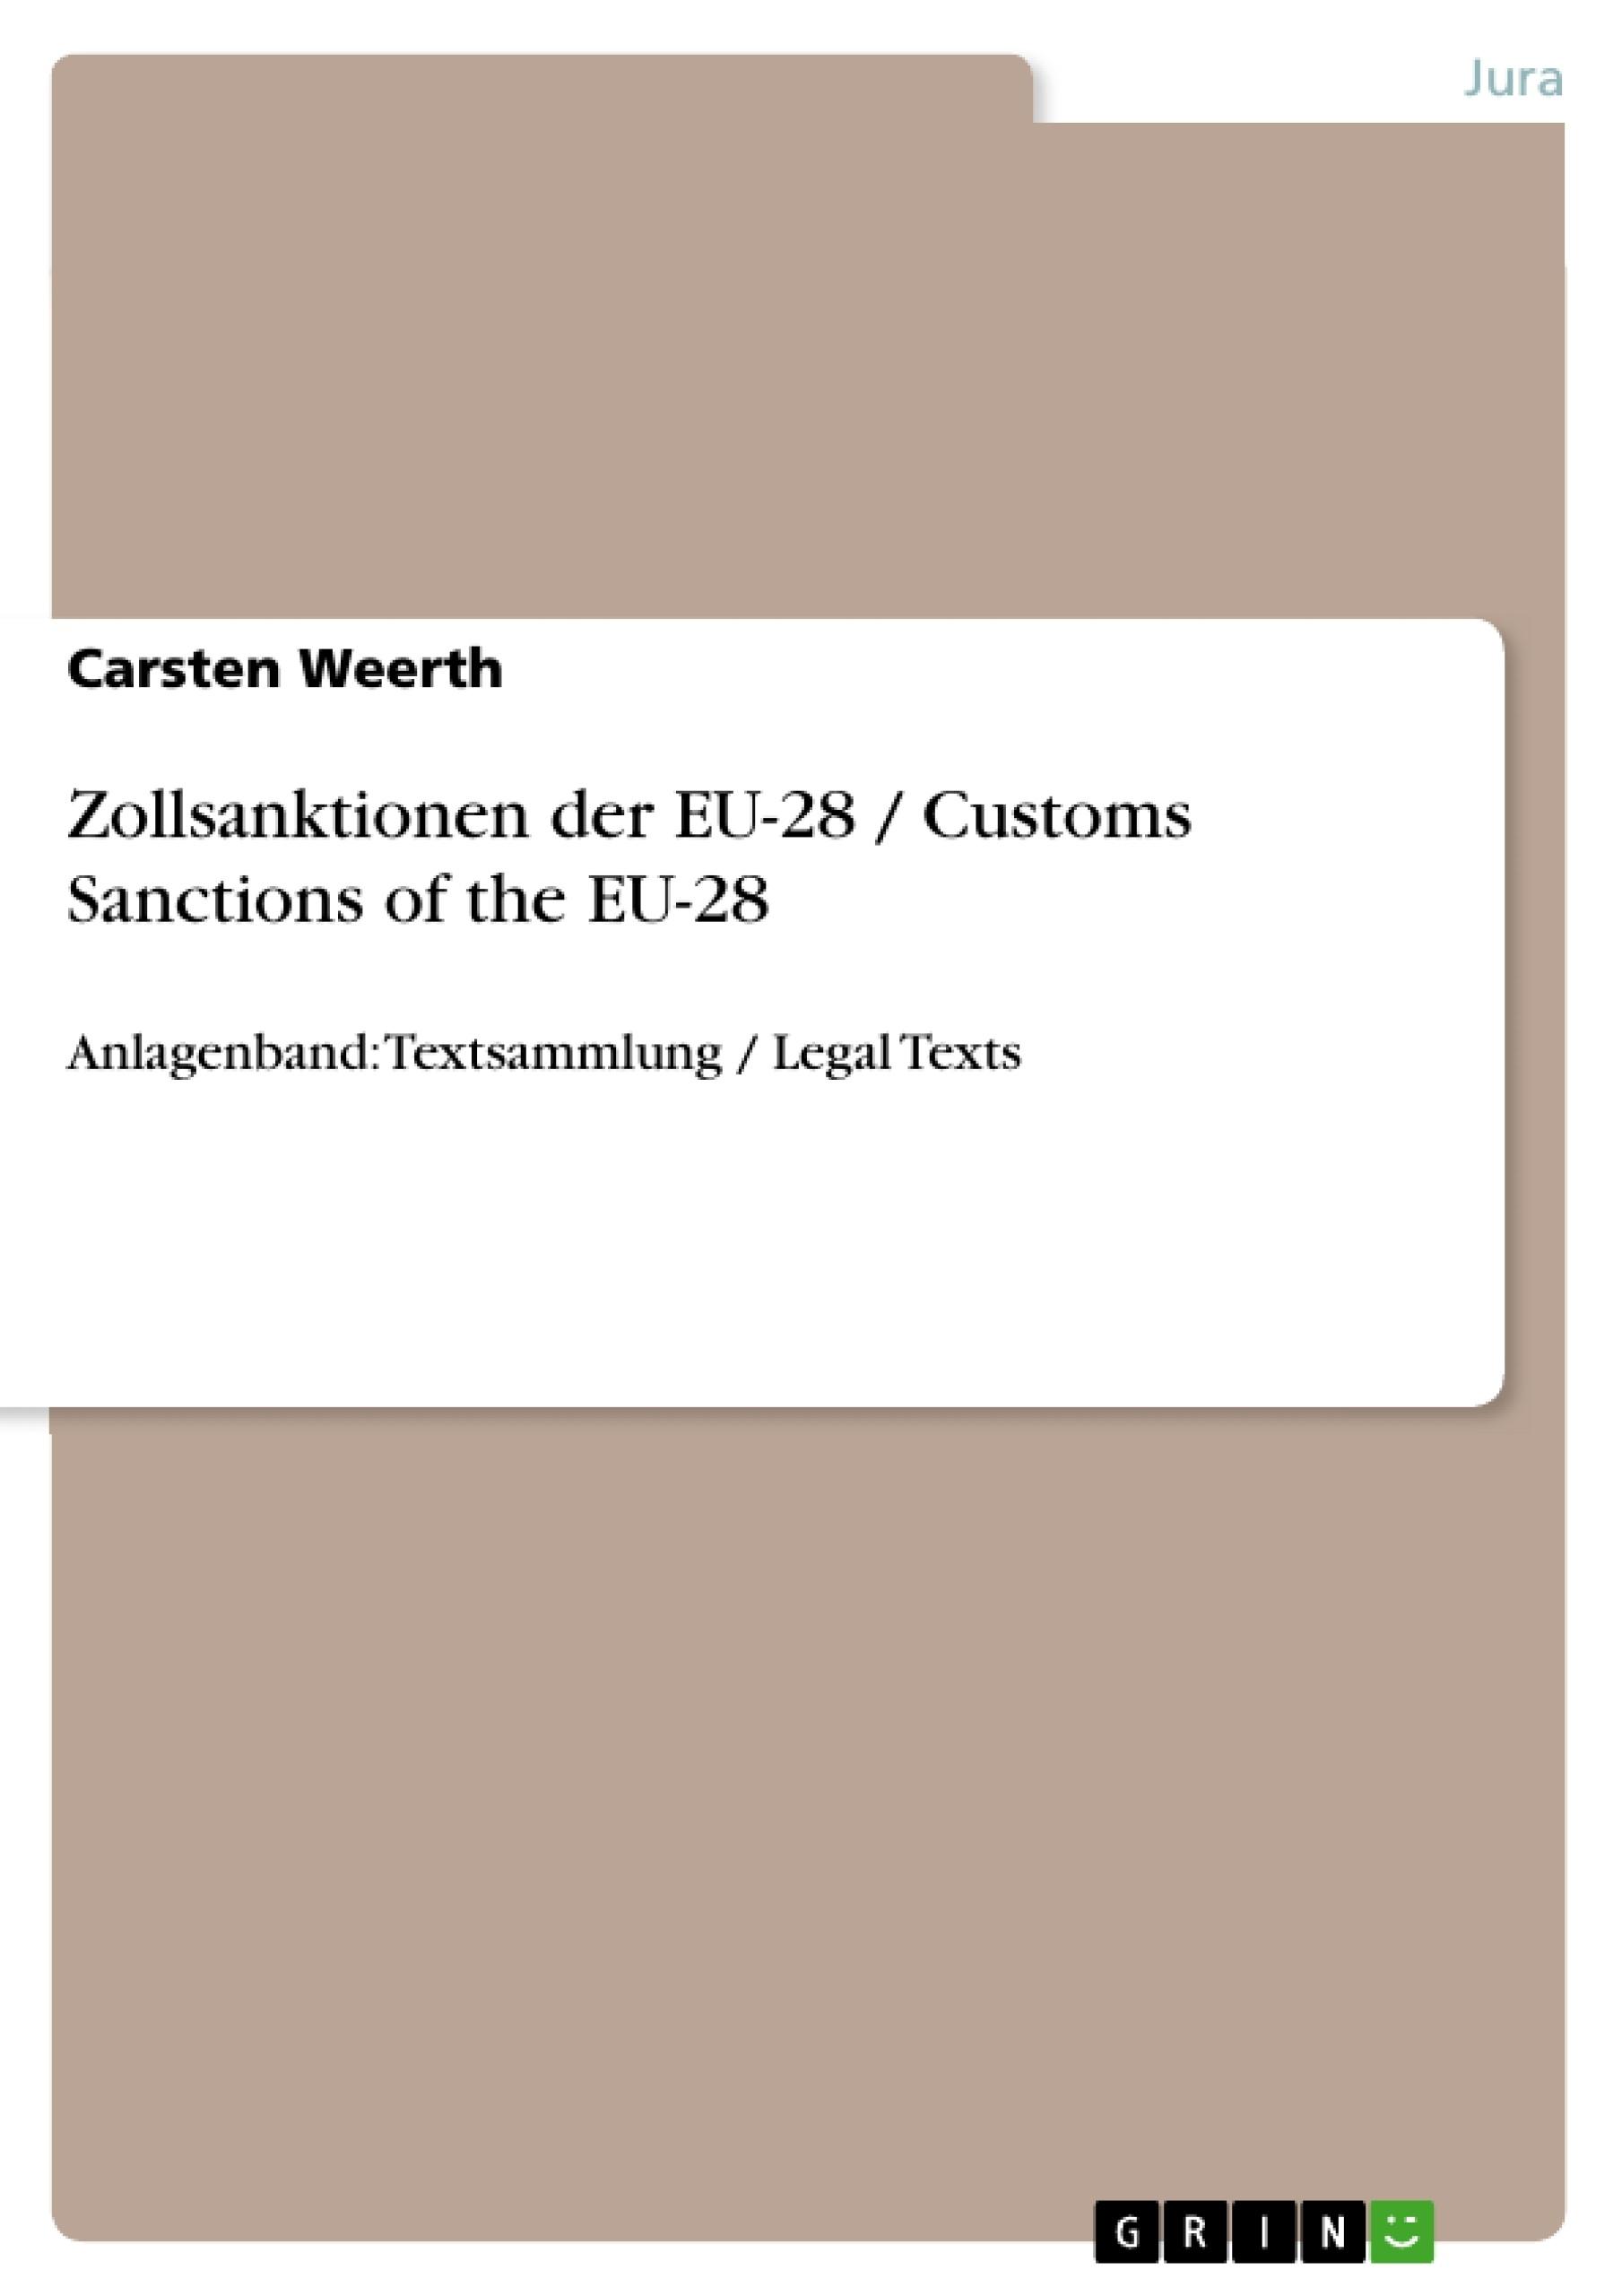 Titel: Zollsanktionen der EU-28 / Customs Sanctions of the EU-28